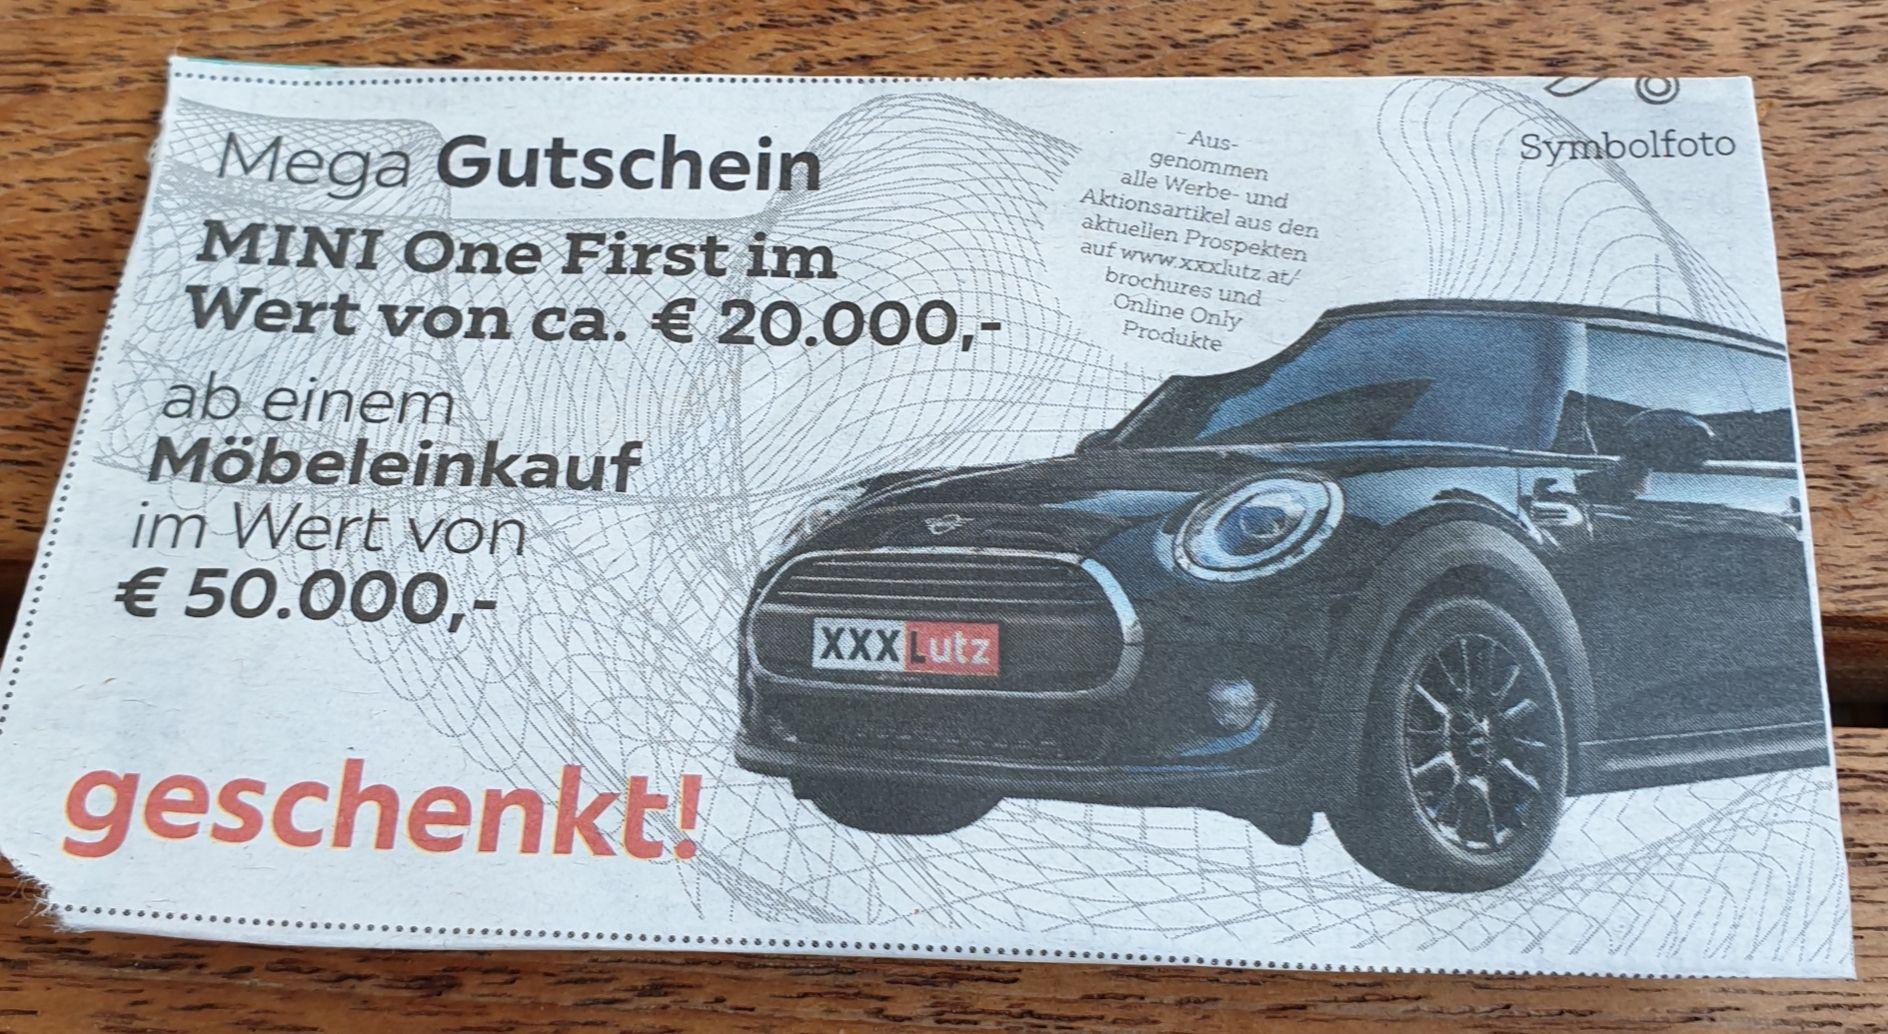 Gratis Mini One First ab einem Möbeleinkauf von 50000€